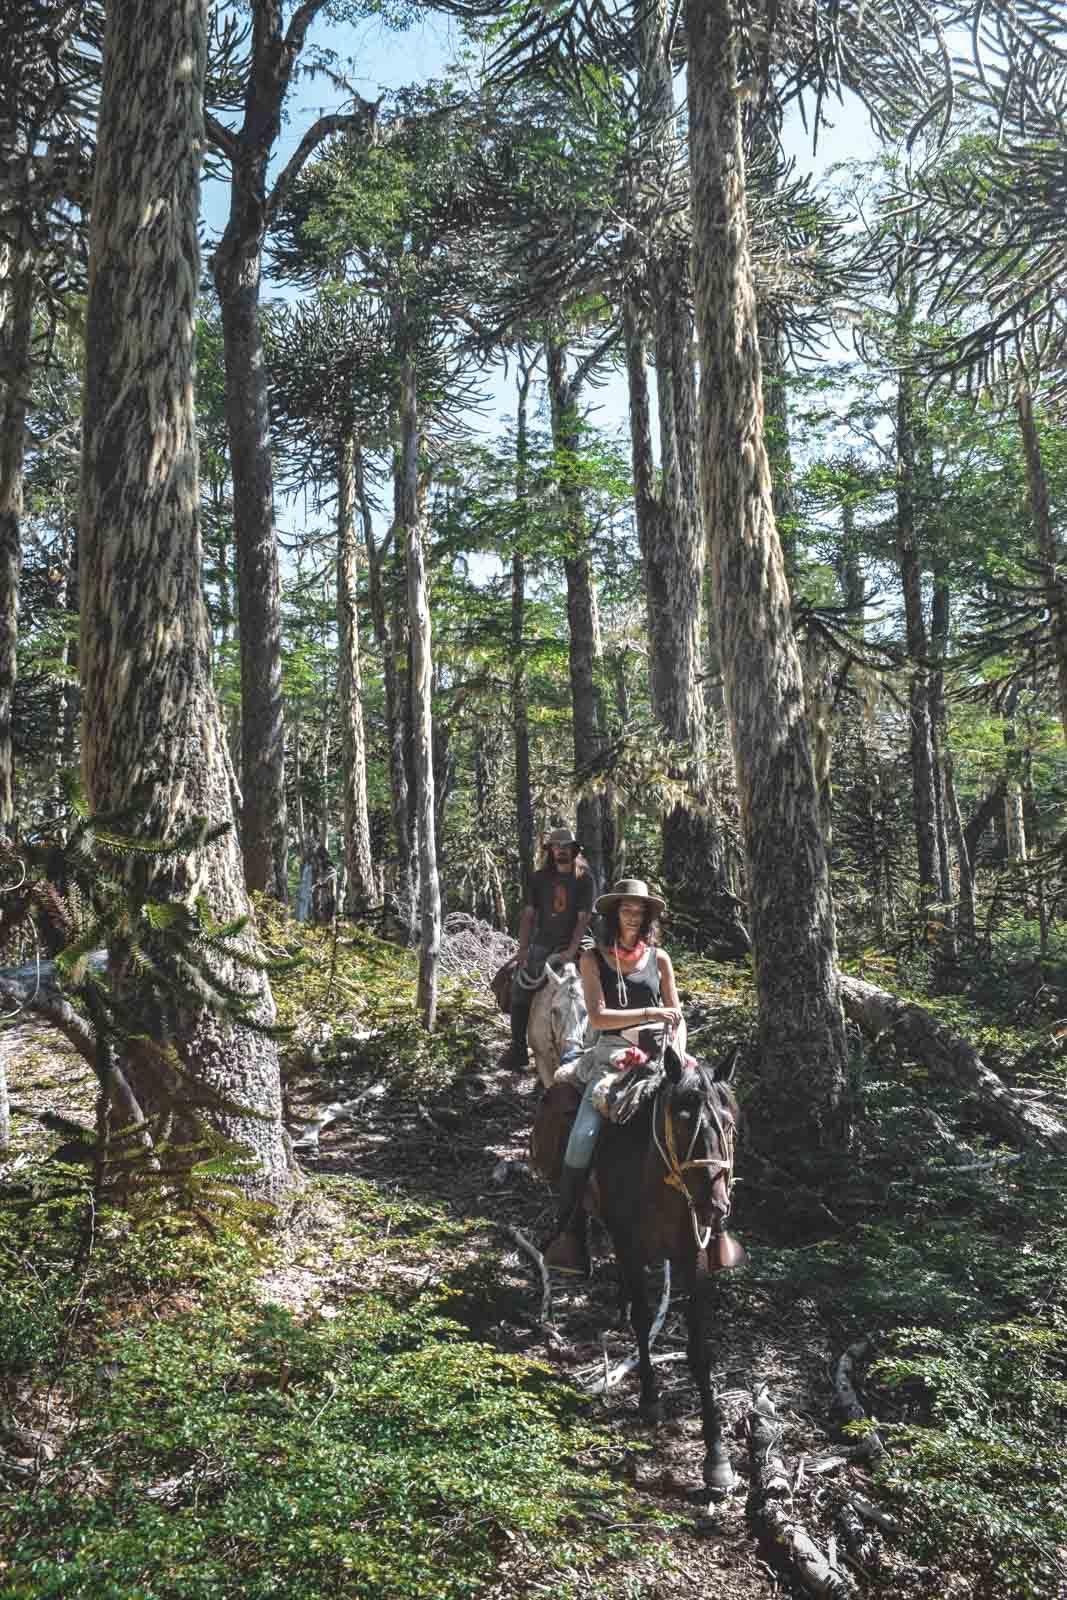 rancho-carhuello-horseback-riding-tour6-4